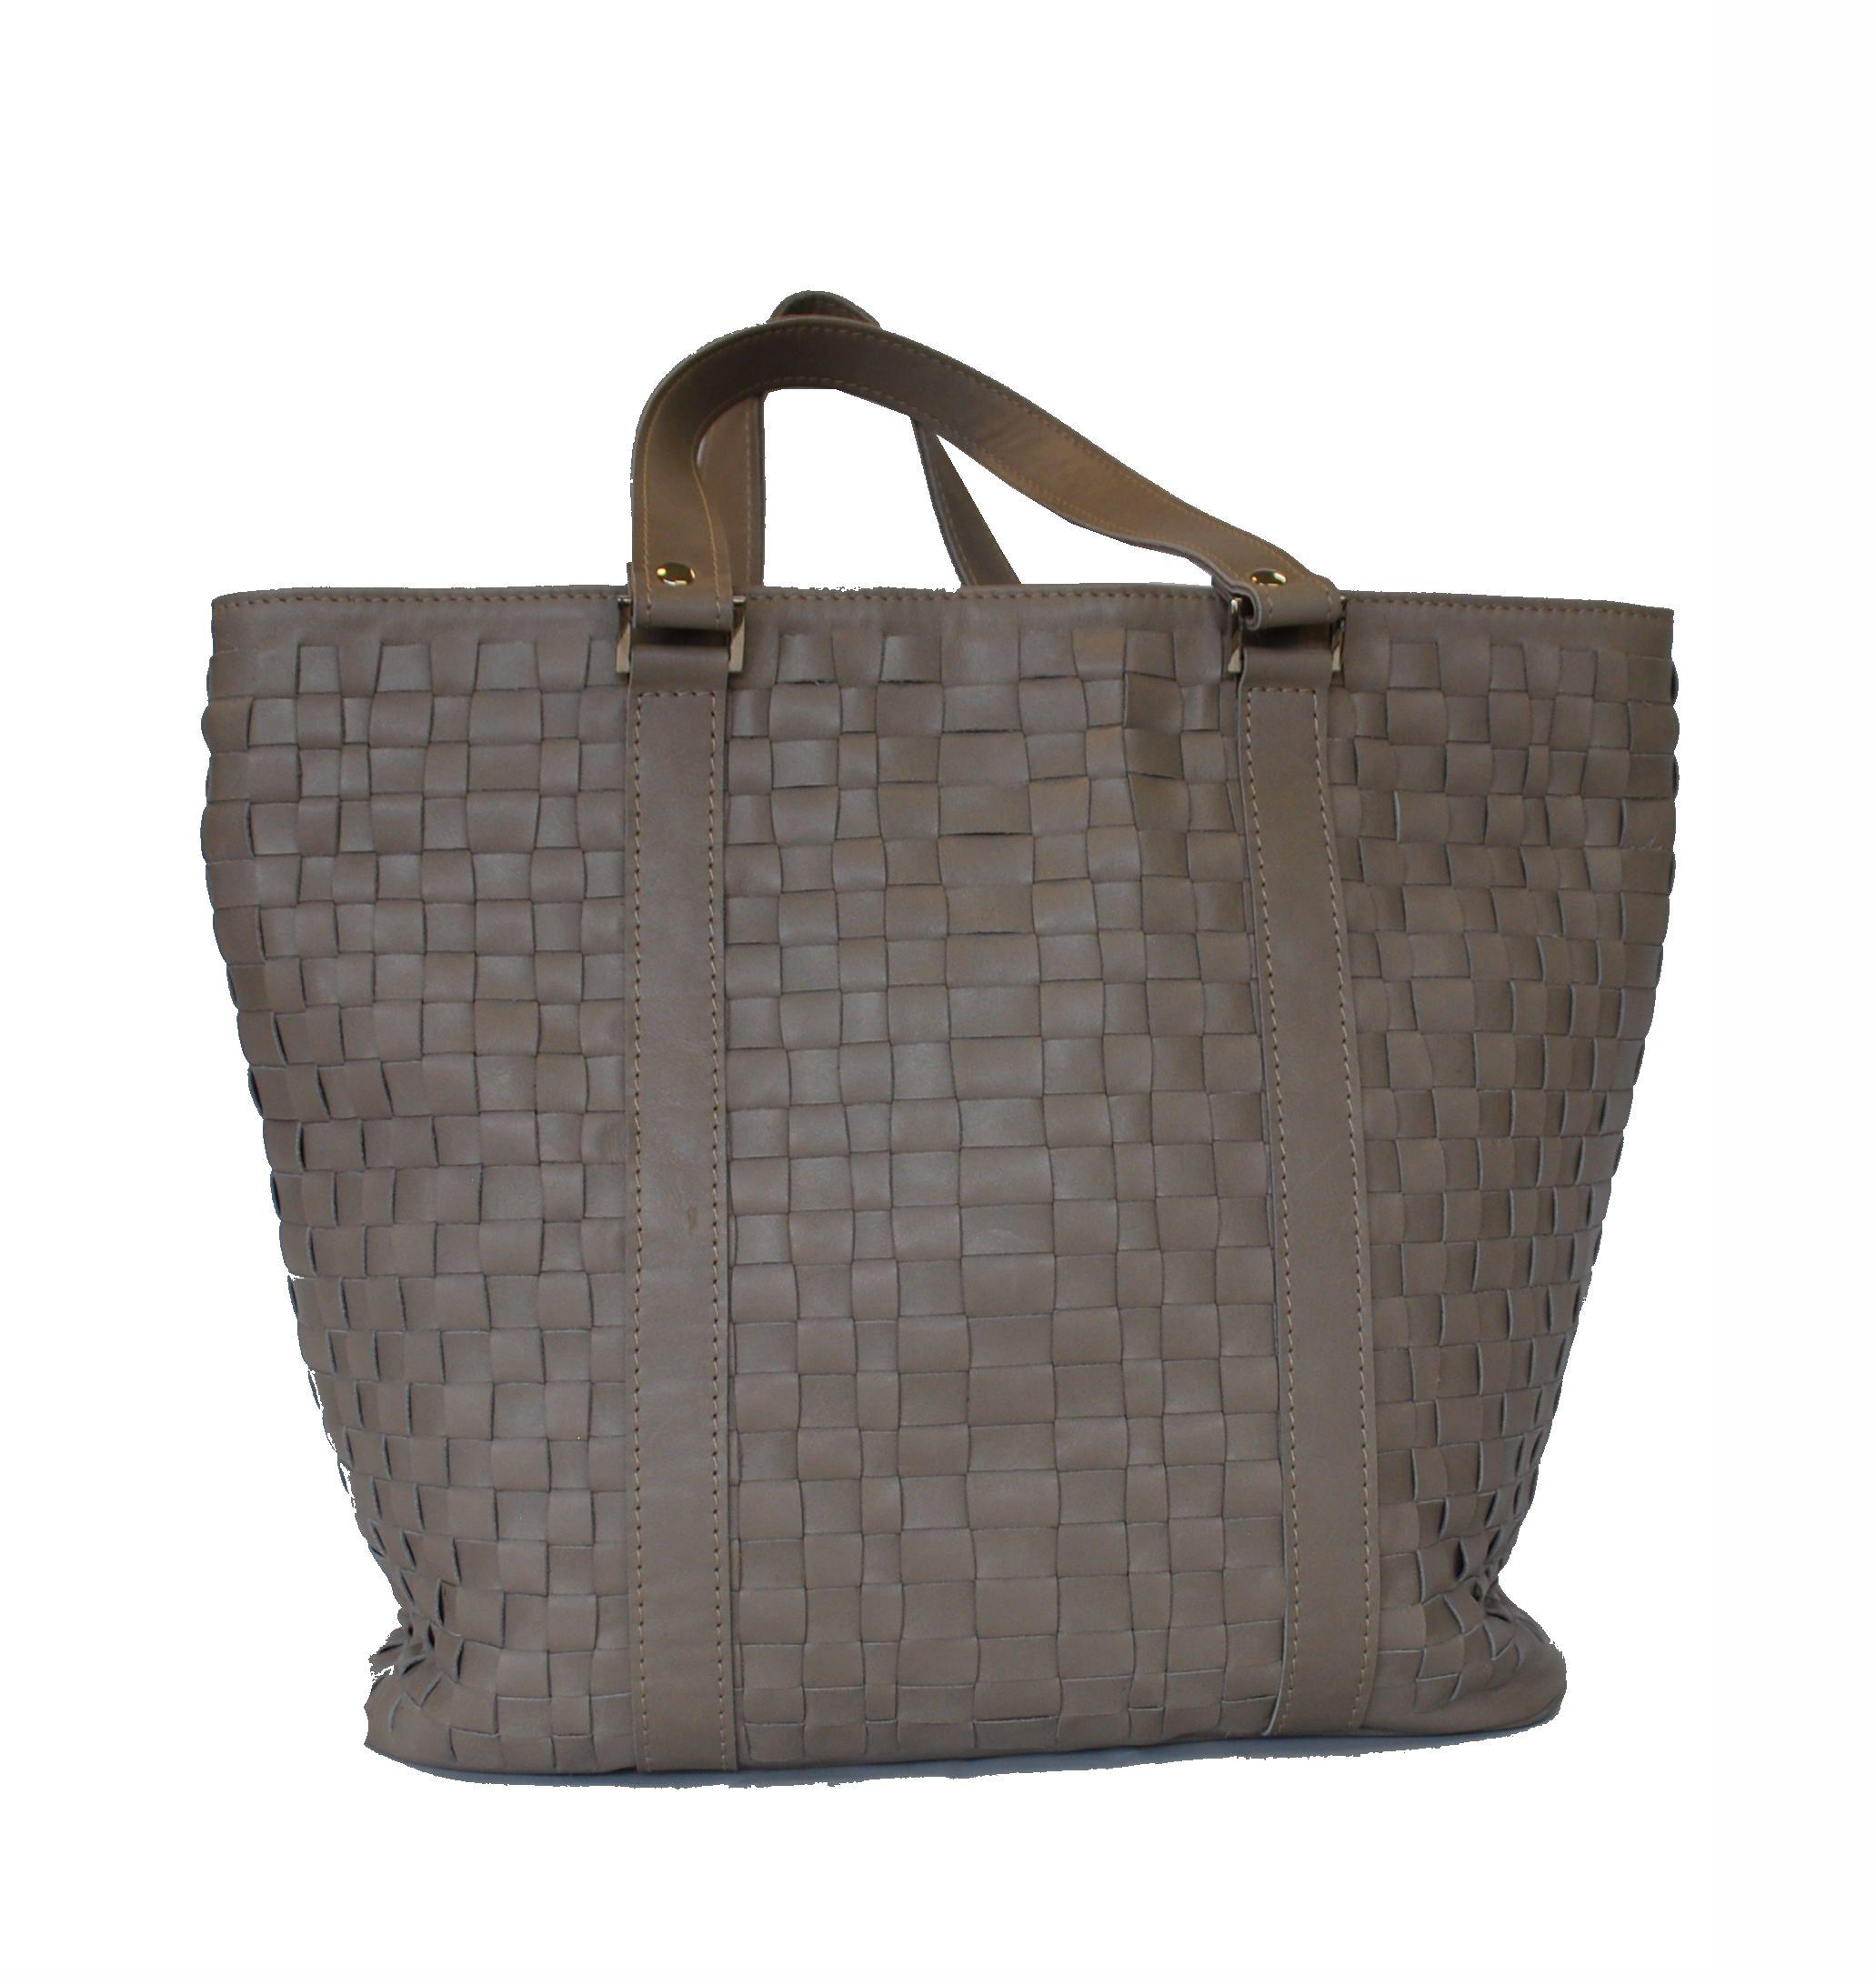 8196d9d633 Luxusná pletená kožená kabelka č.8633 v šedej farbe